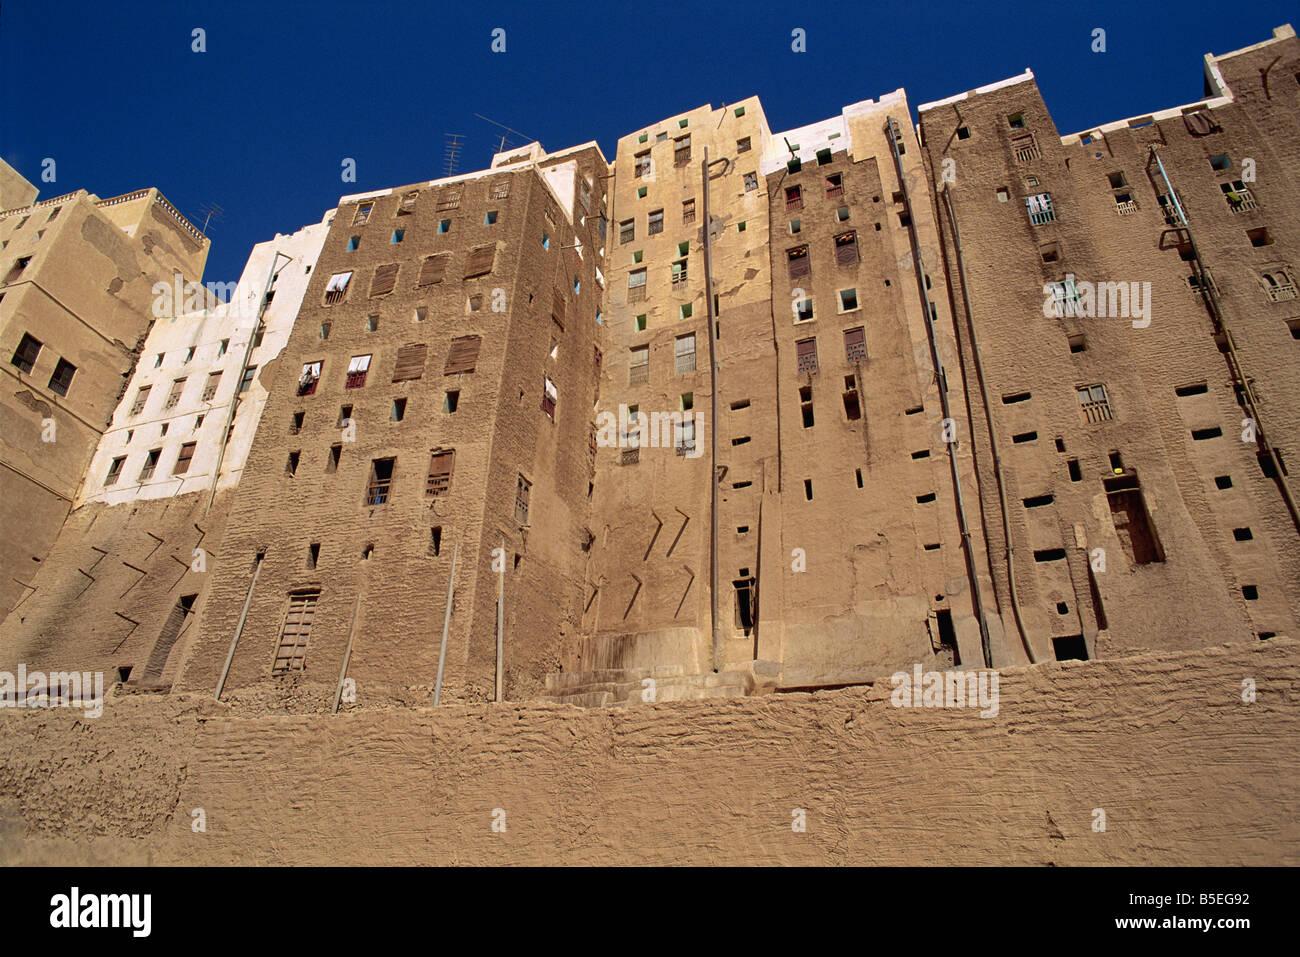 Backs of mud brick houses and toilets, Shibam, UNESCO World Heritage Site, Wadi Hadramaut, Yemen, Middle East - Stock Image